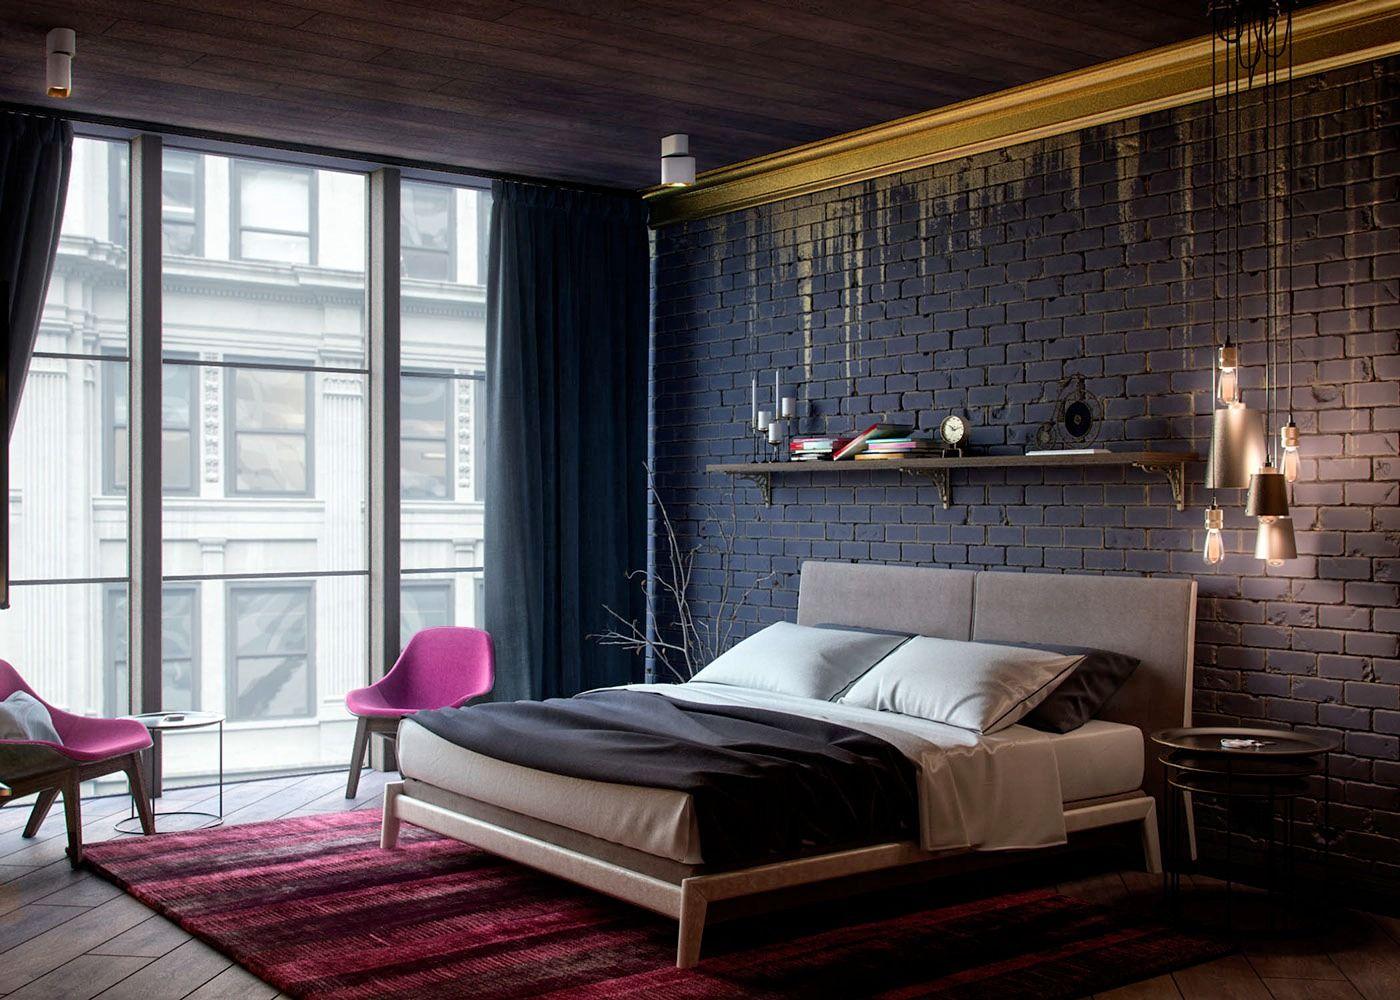 30 id es pour d corer les murs de votre chambre mur de briques noir brique noire et murs de. Black Bedroom Furniture Sets. Home Design Ideas